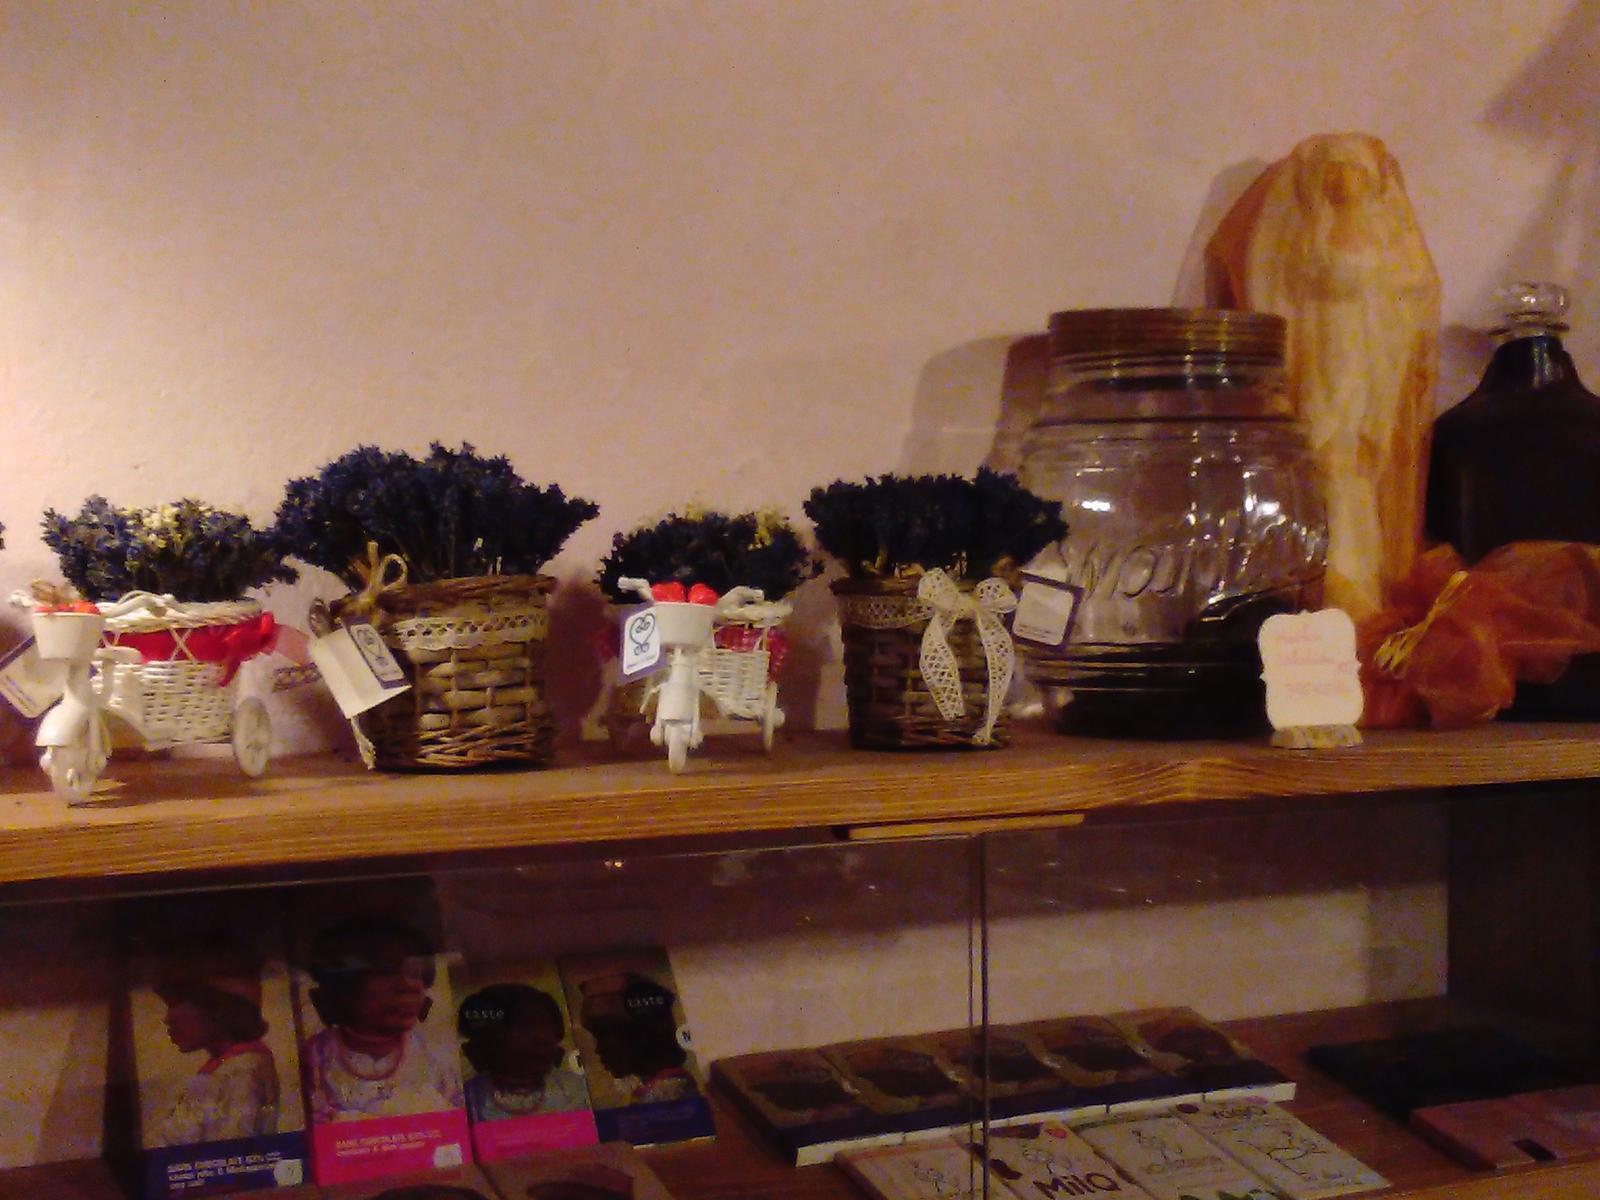 Sladký podzim v mojí kavárně - Obrázek č. 5